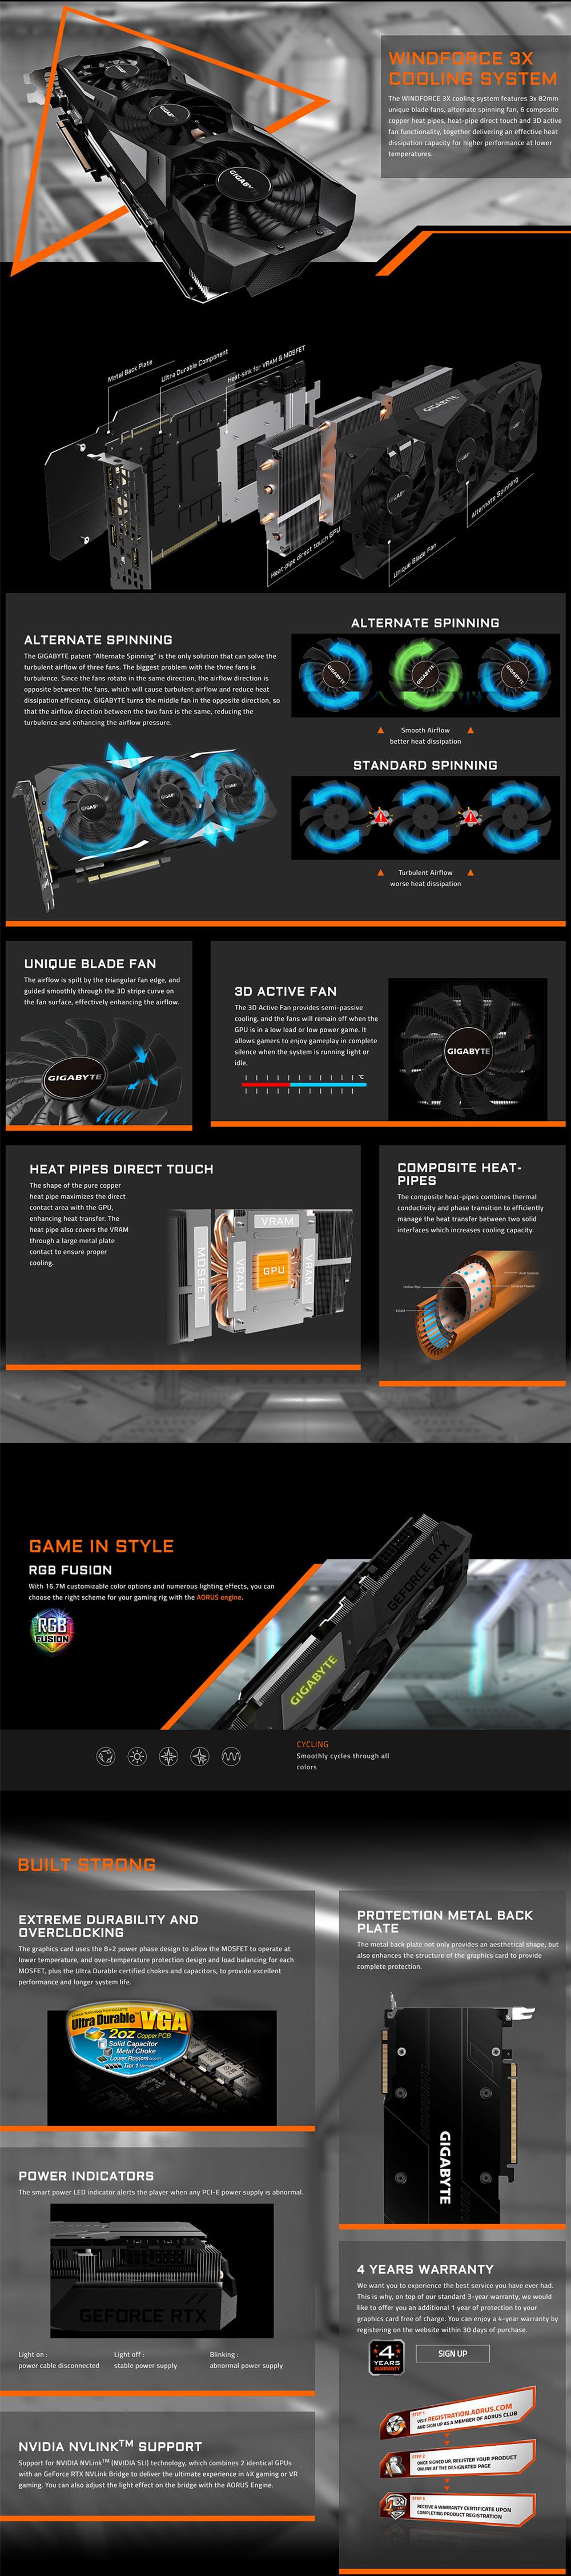 Gigabyte RTX2080 Gaming OC